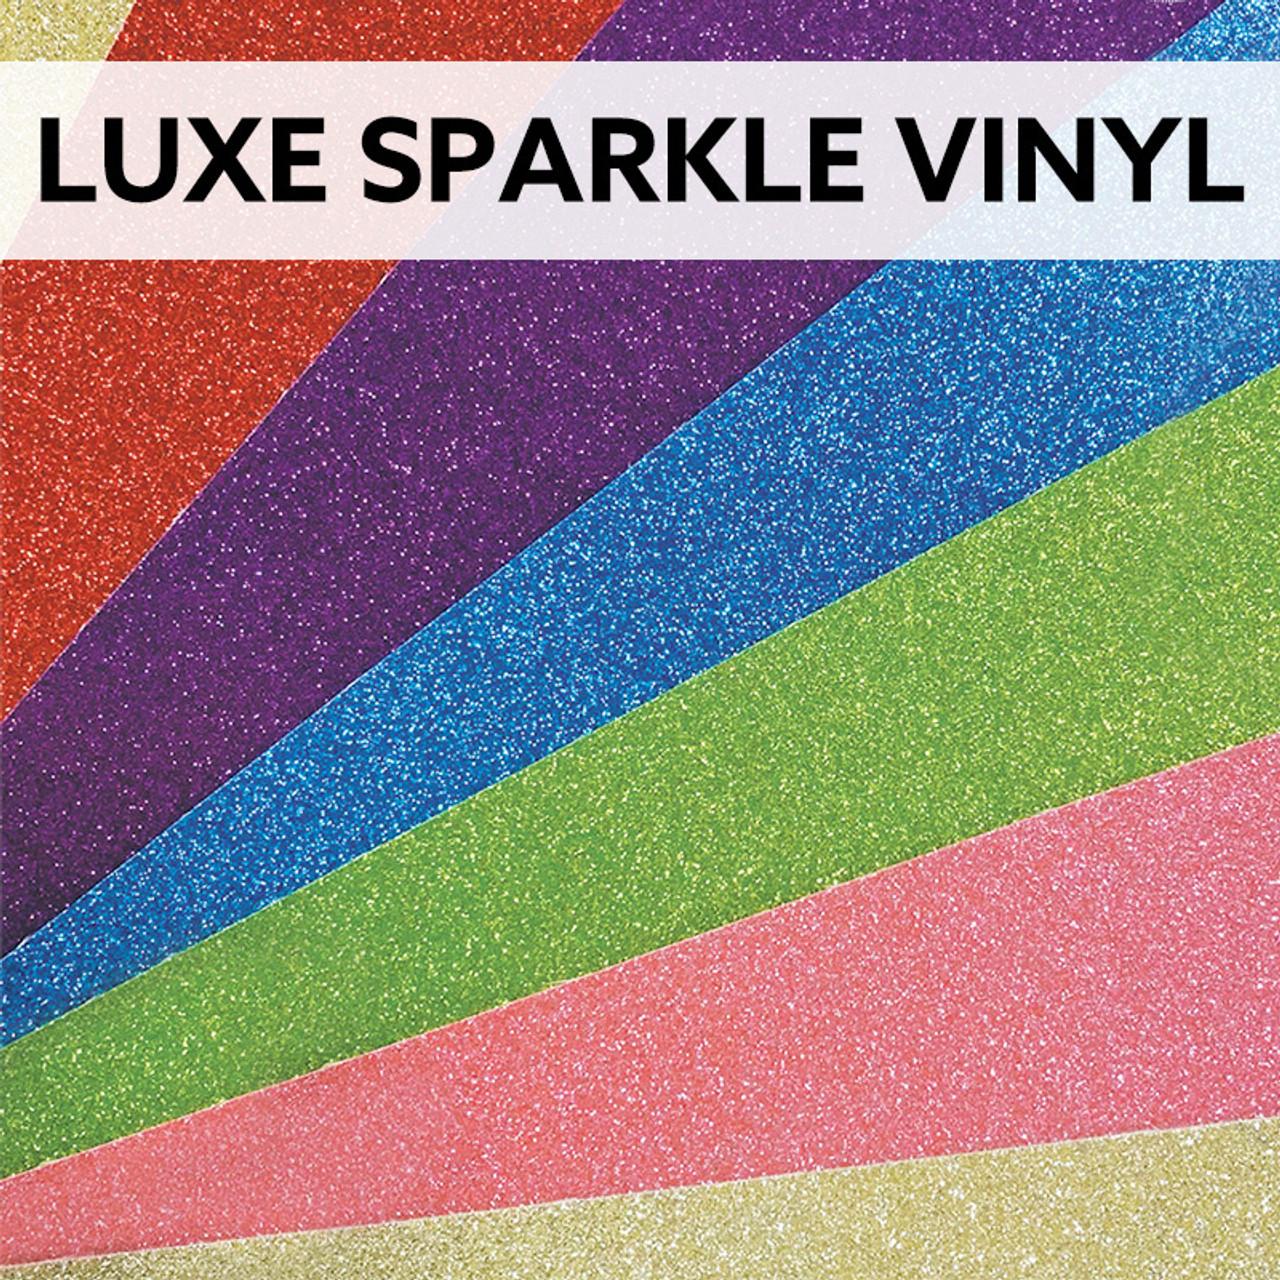 Luxe Sparkle Vinyl